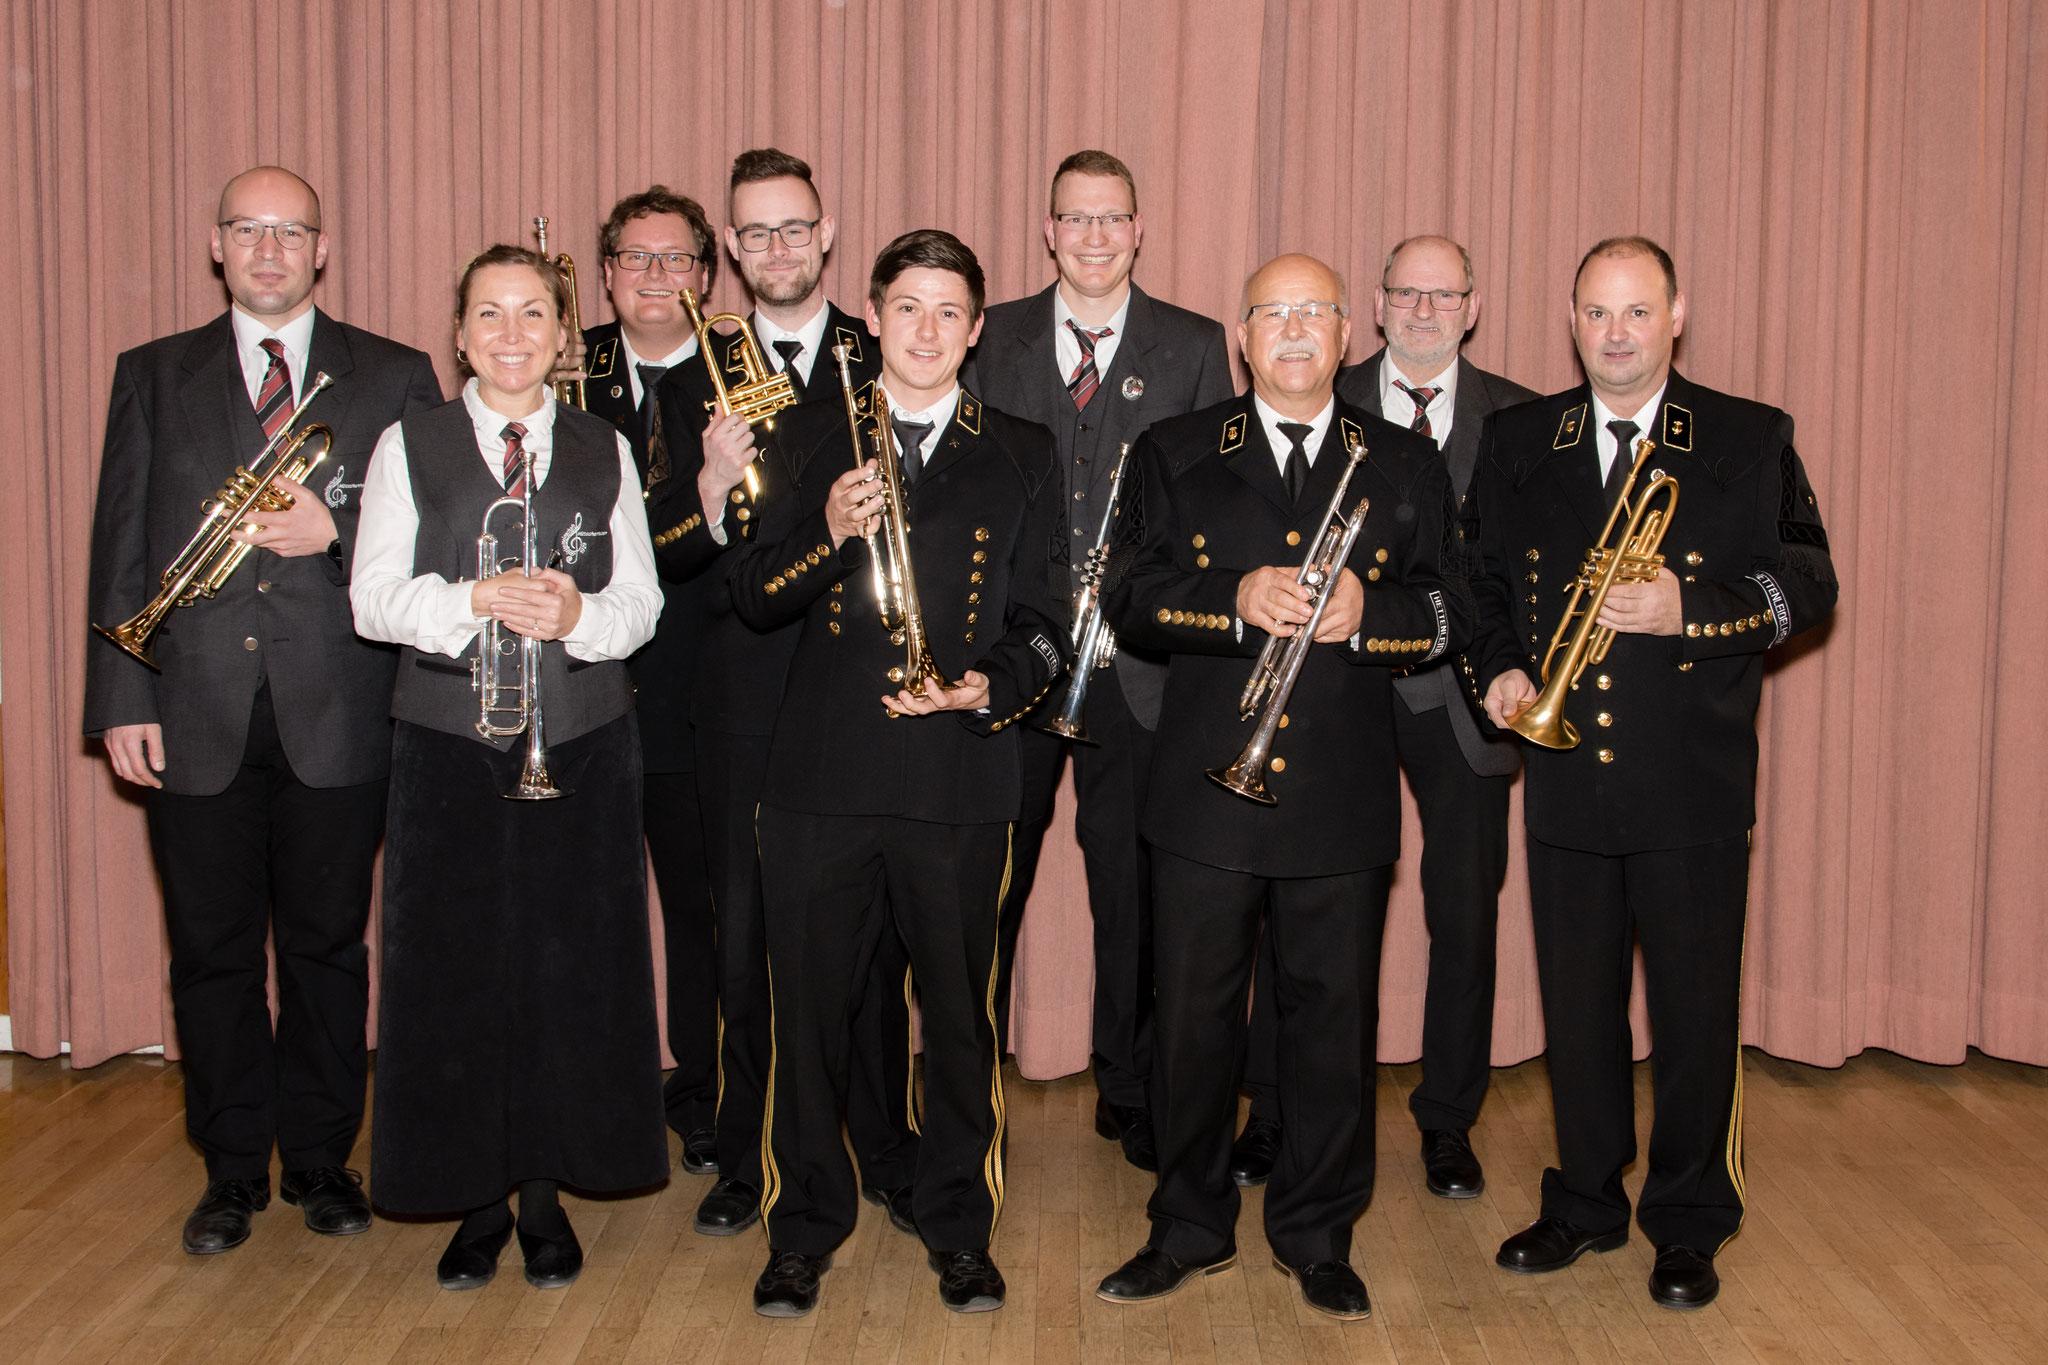 Beim Gemeinschaftskonzert spielten insgesamt 9 Musikerinnen und Musiker an der Trompete.